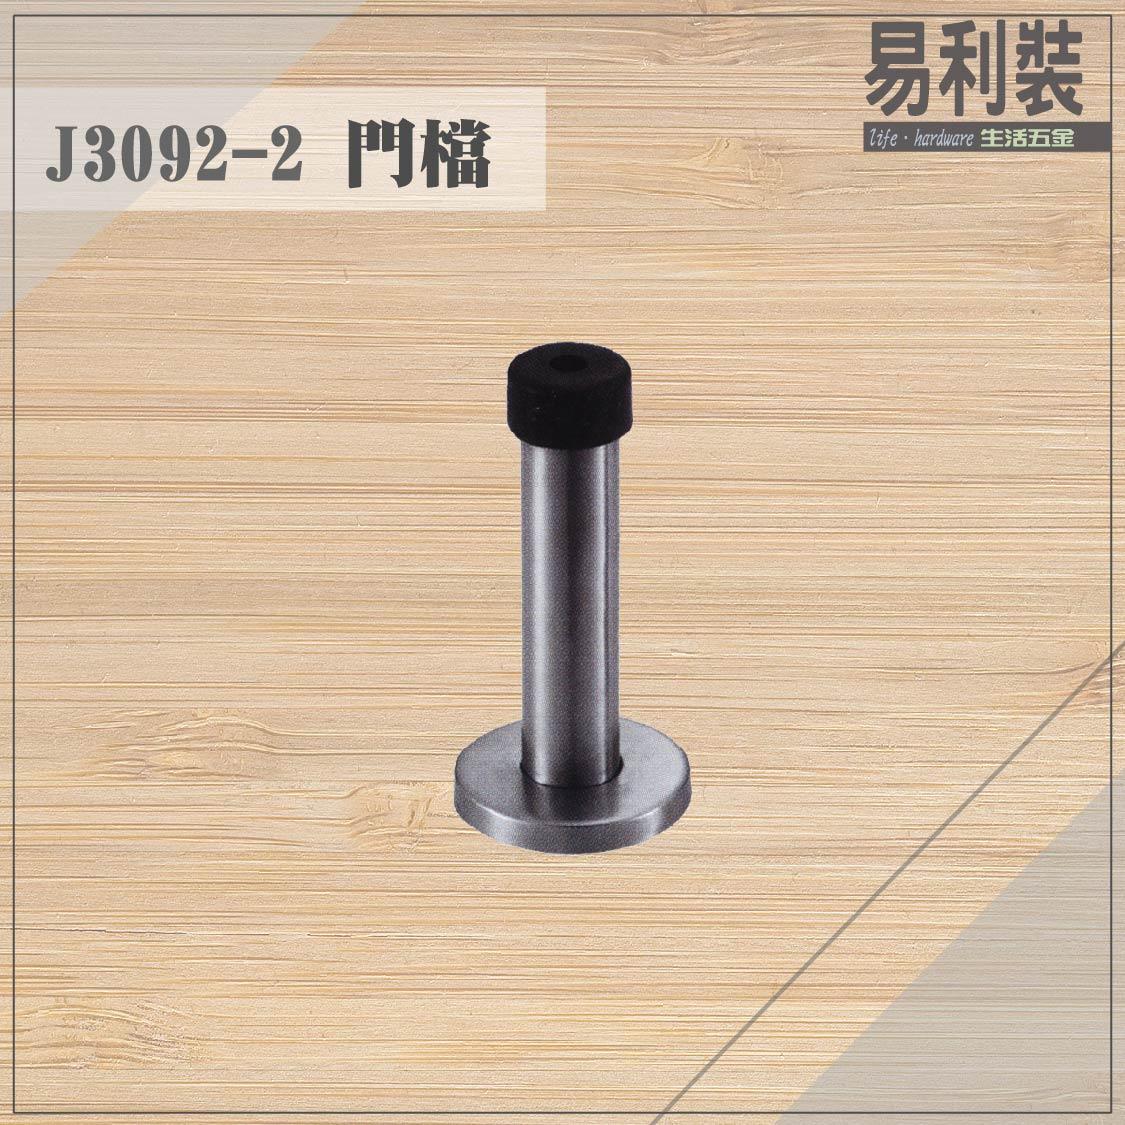 【 EASYCAN  】J3092-1 不鏽鋼門檔 易利裝生活五金 浴室 廚房 房間 臥房 衣櫃 小資族 辦公家具 系統家具